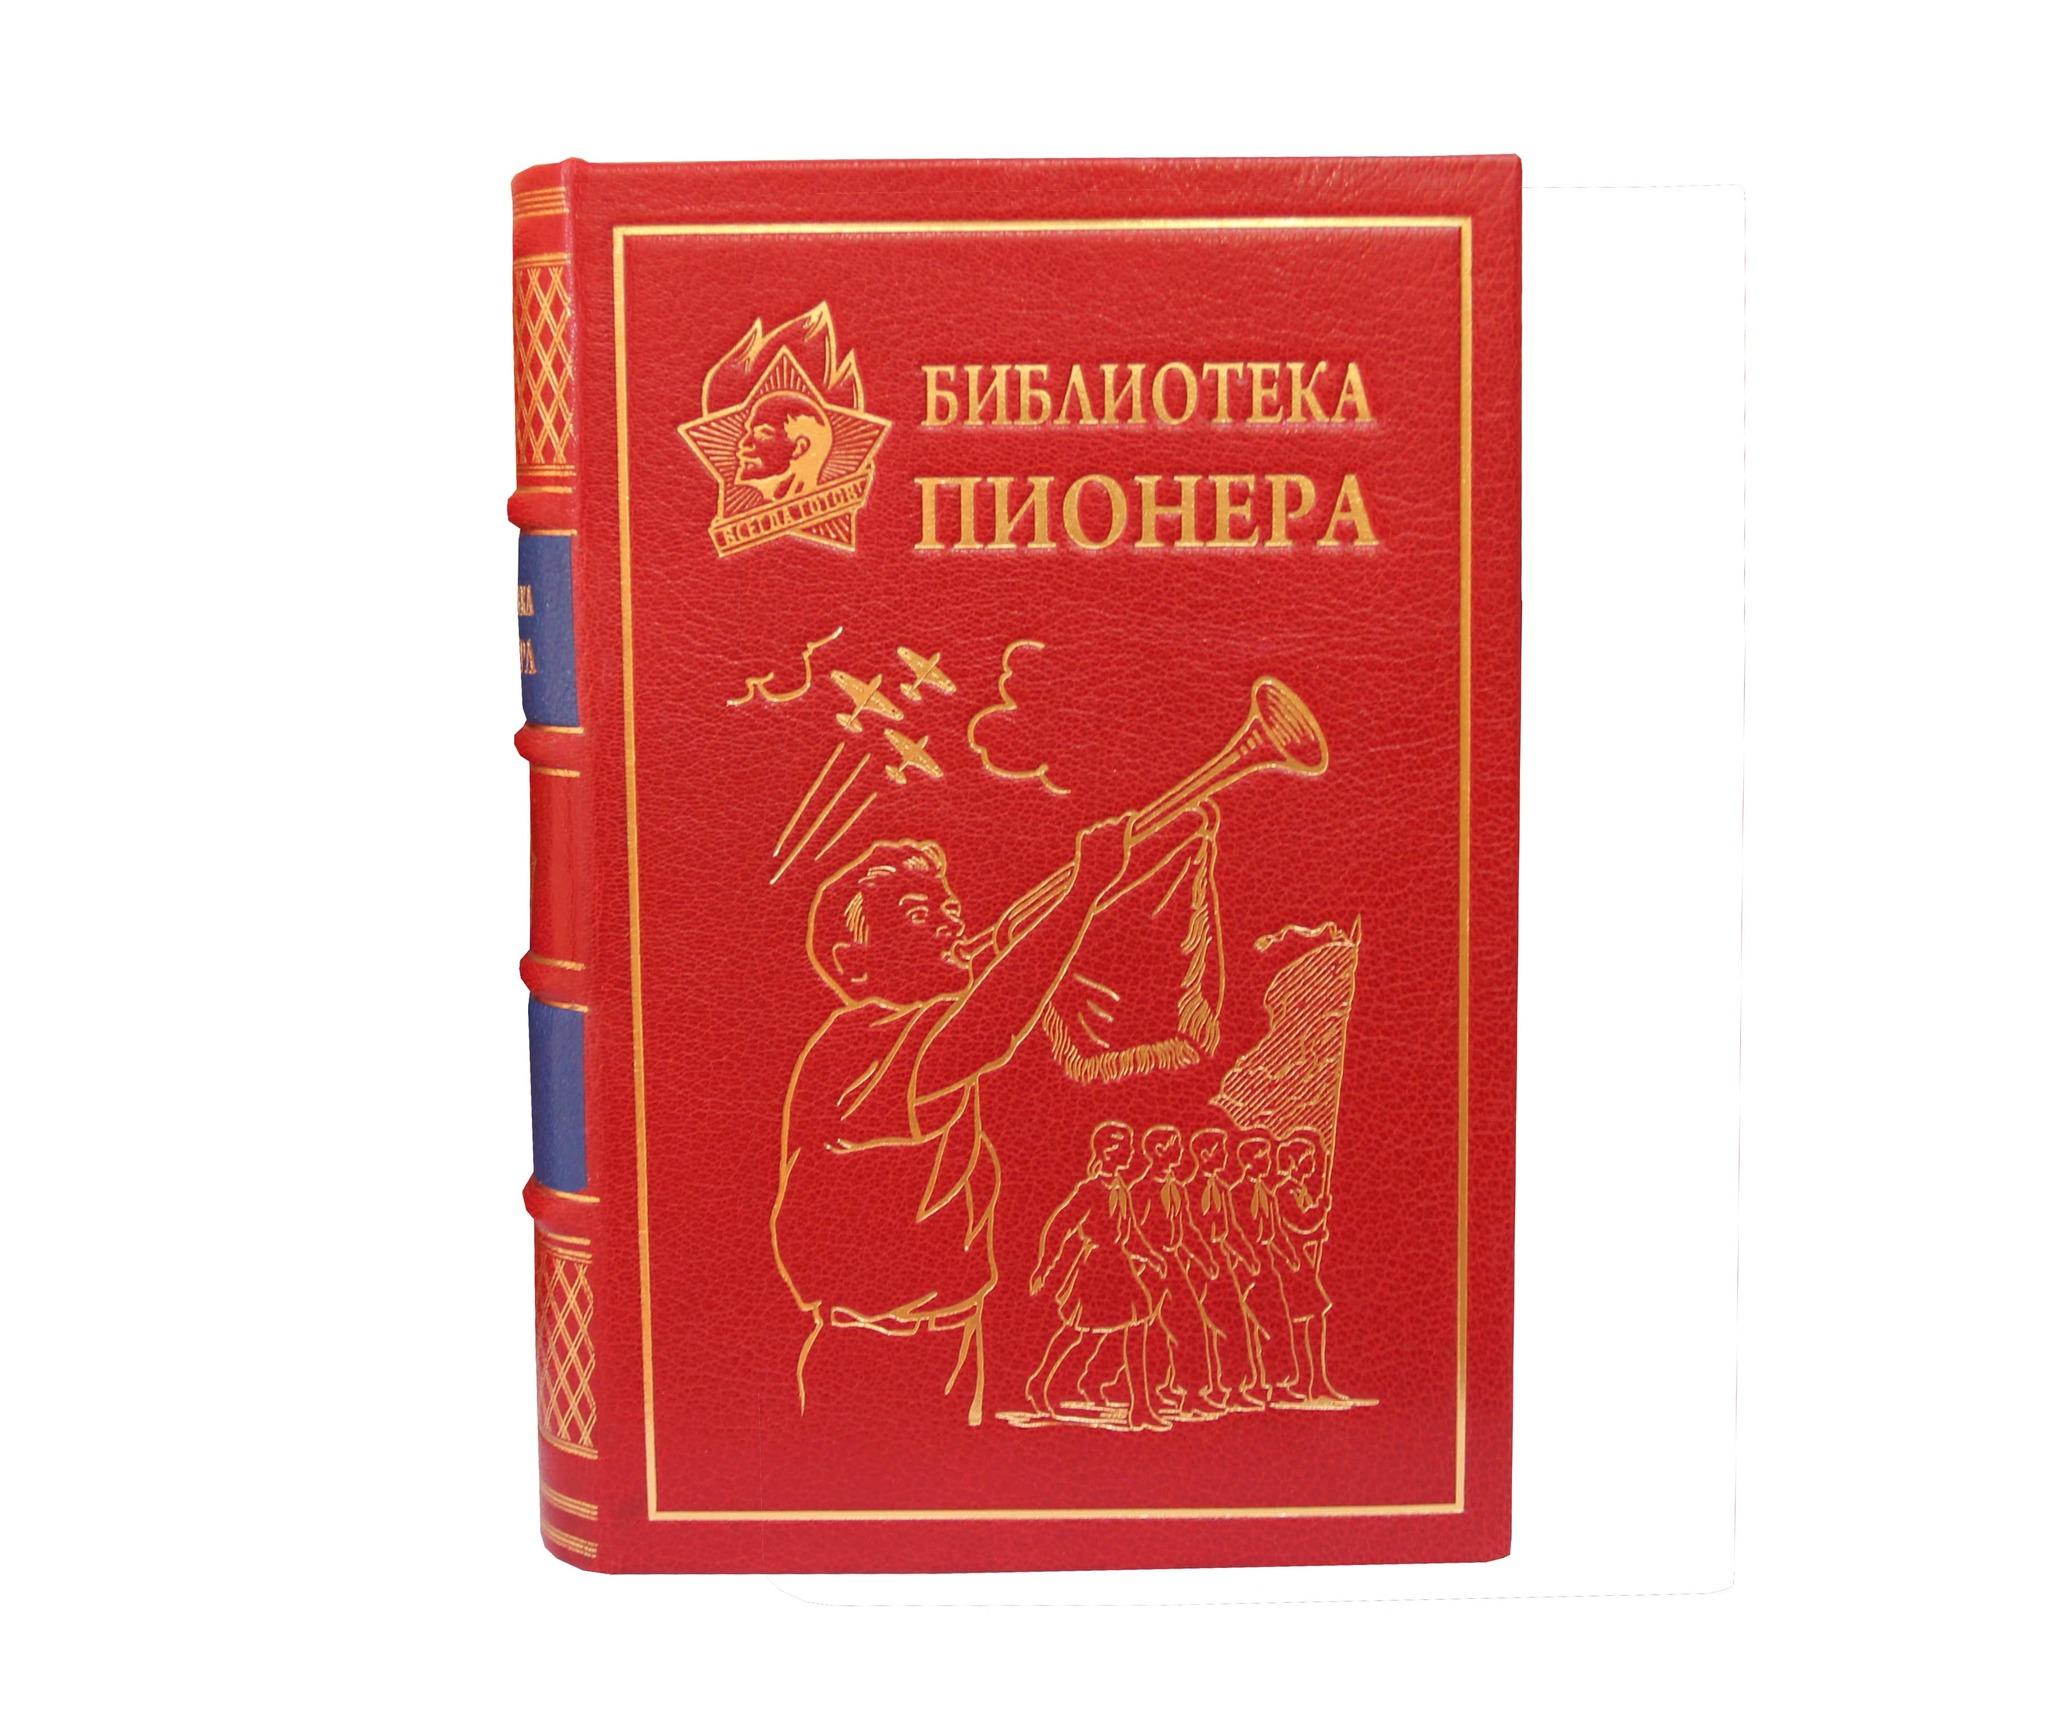 Библиотека пионера. Избранные повести и рассказы в 12 томах. Часть 1